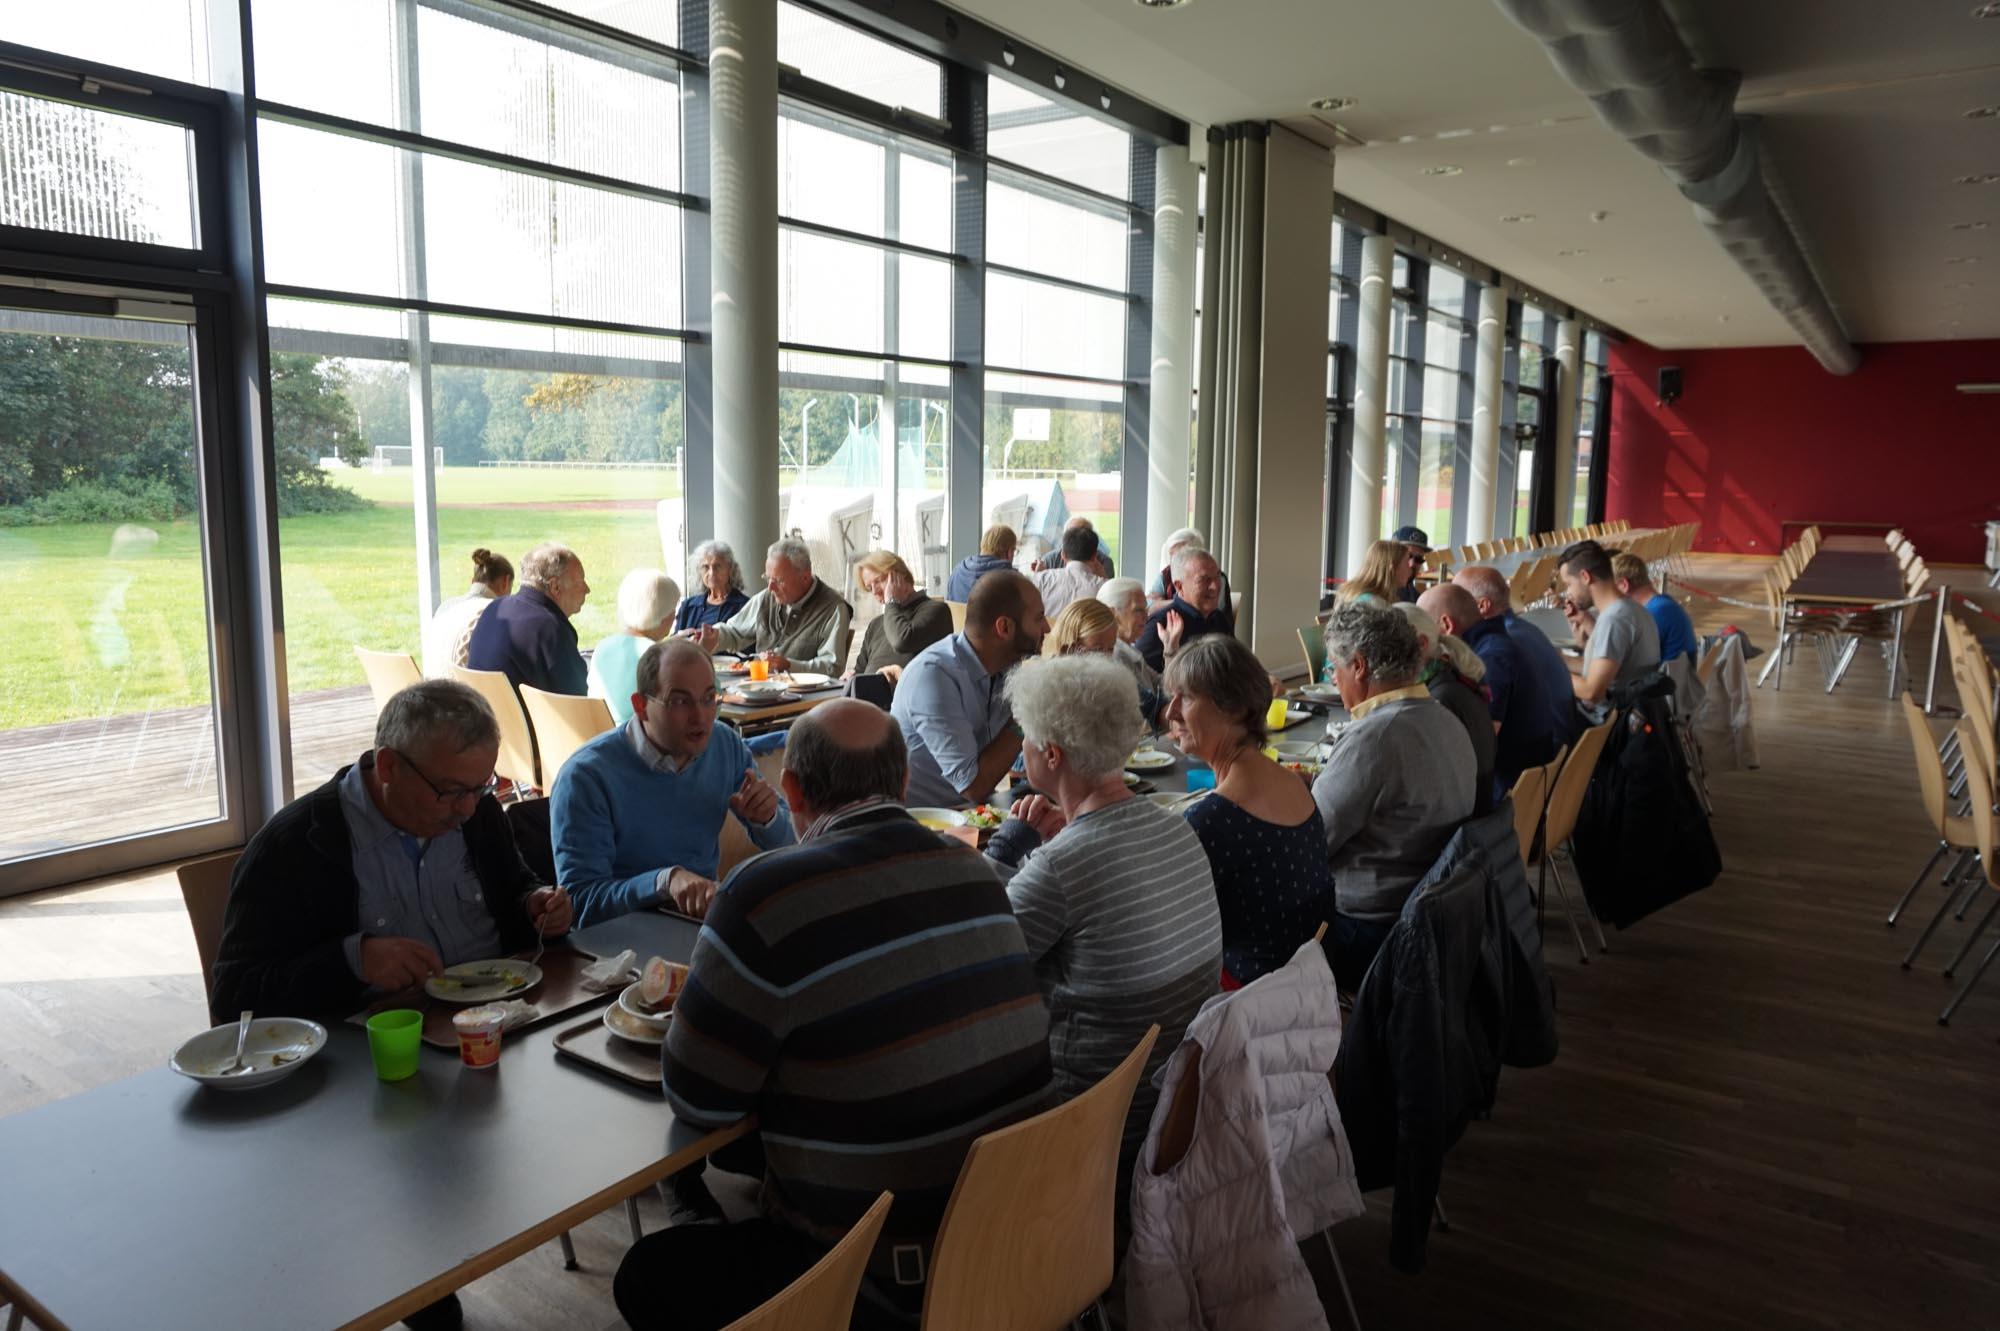 BDE-Treffen-2017-00630-36-Copyrights-Anton-Ahrens.jpg